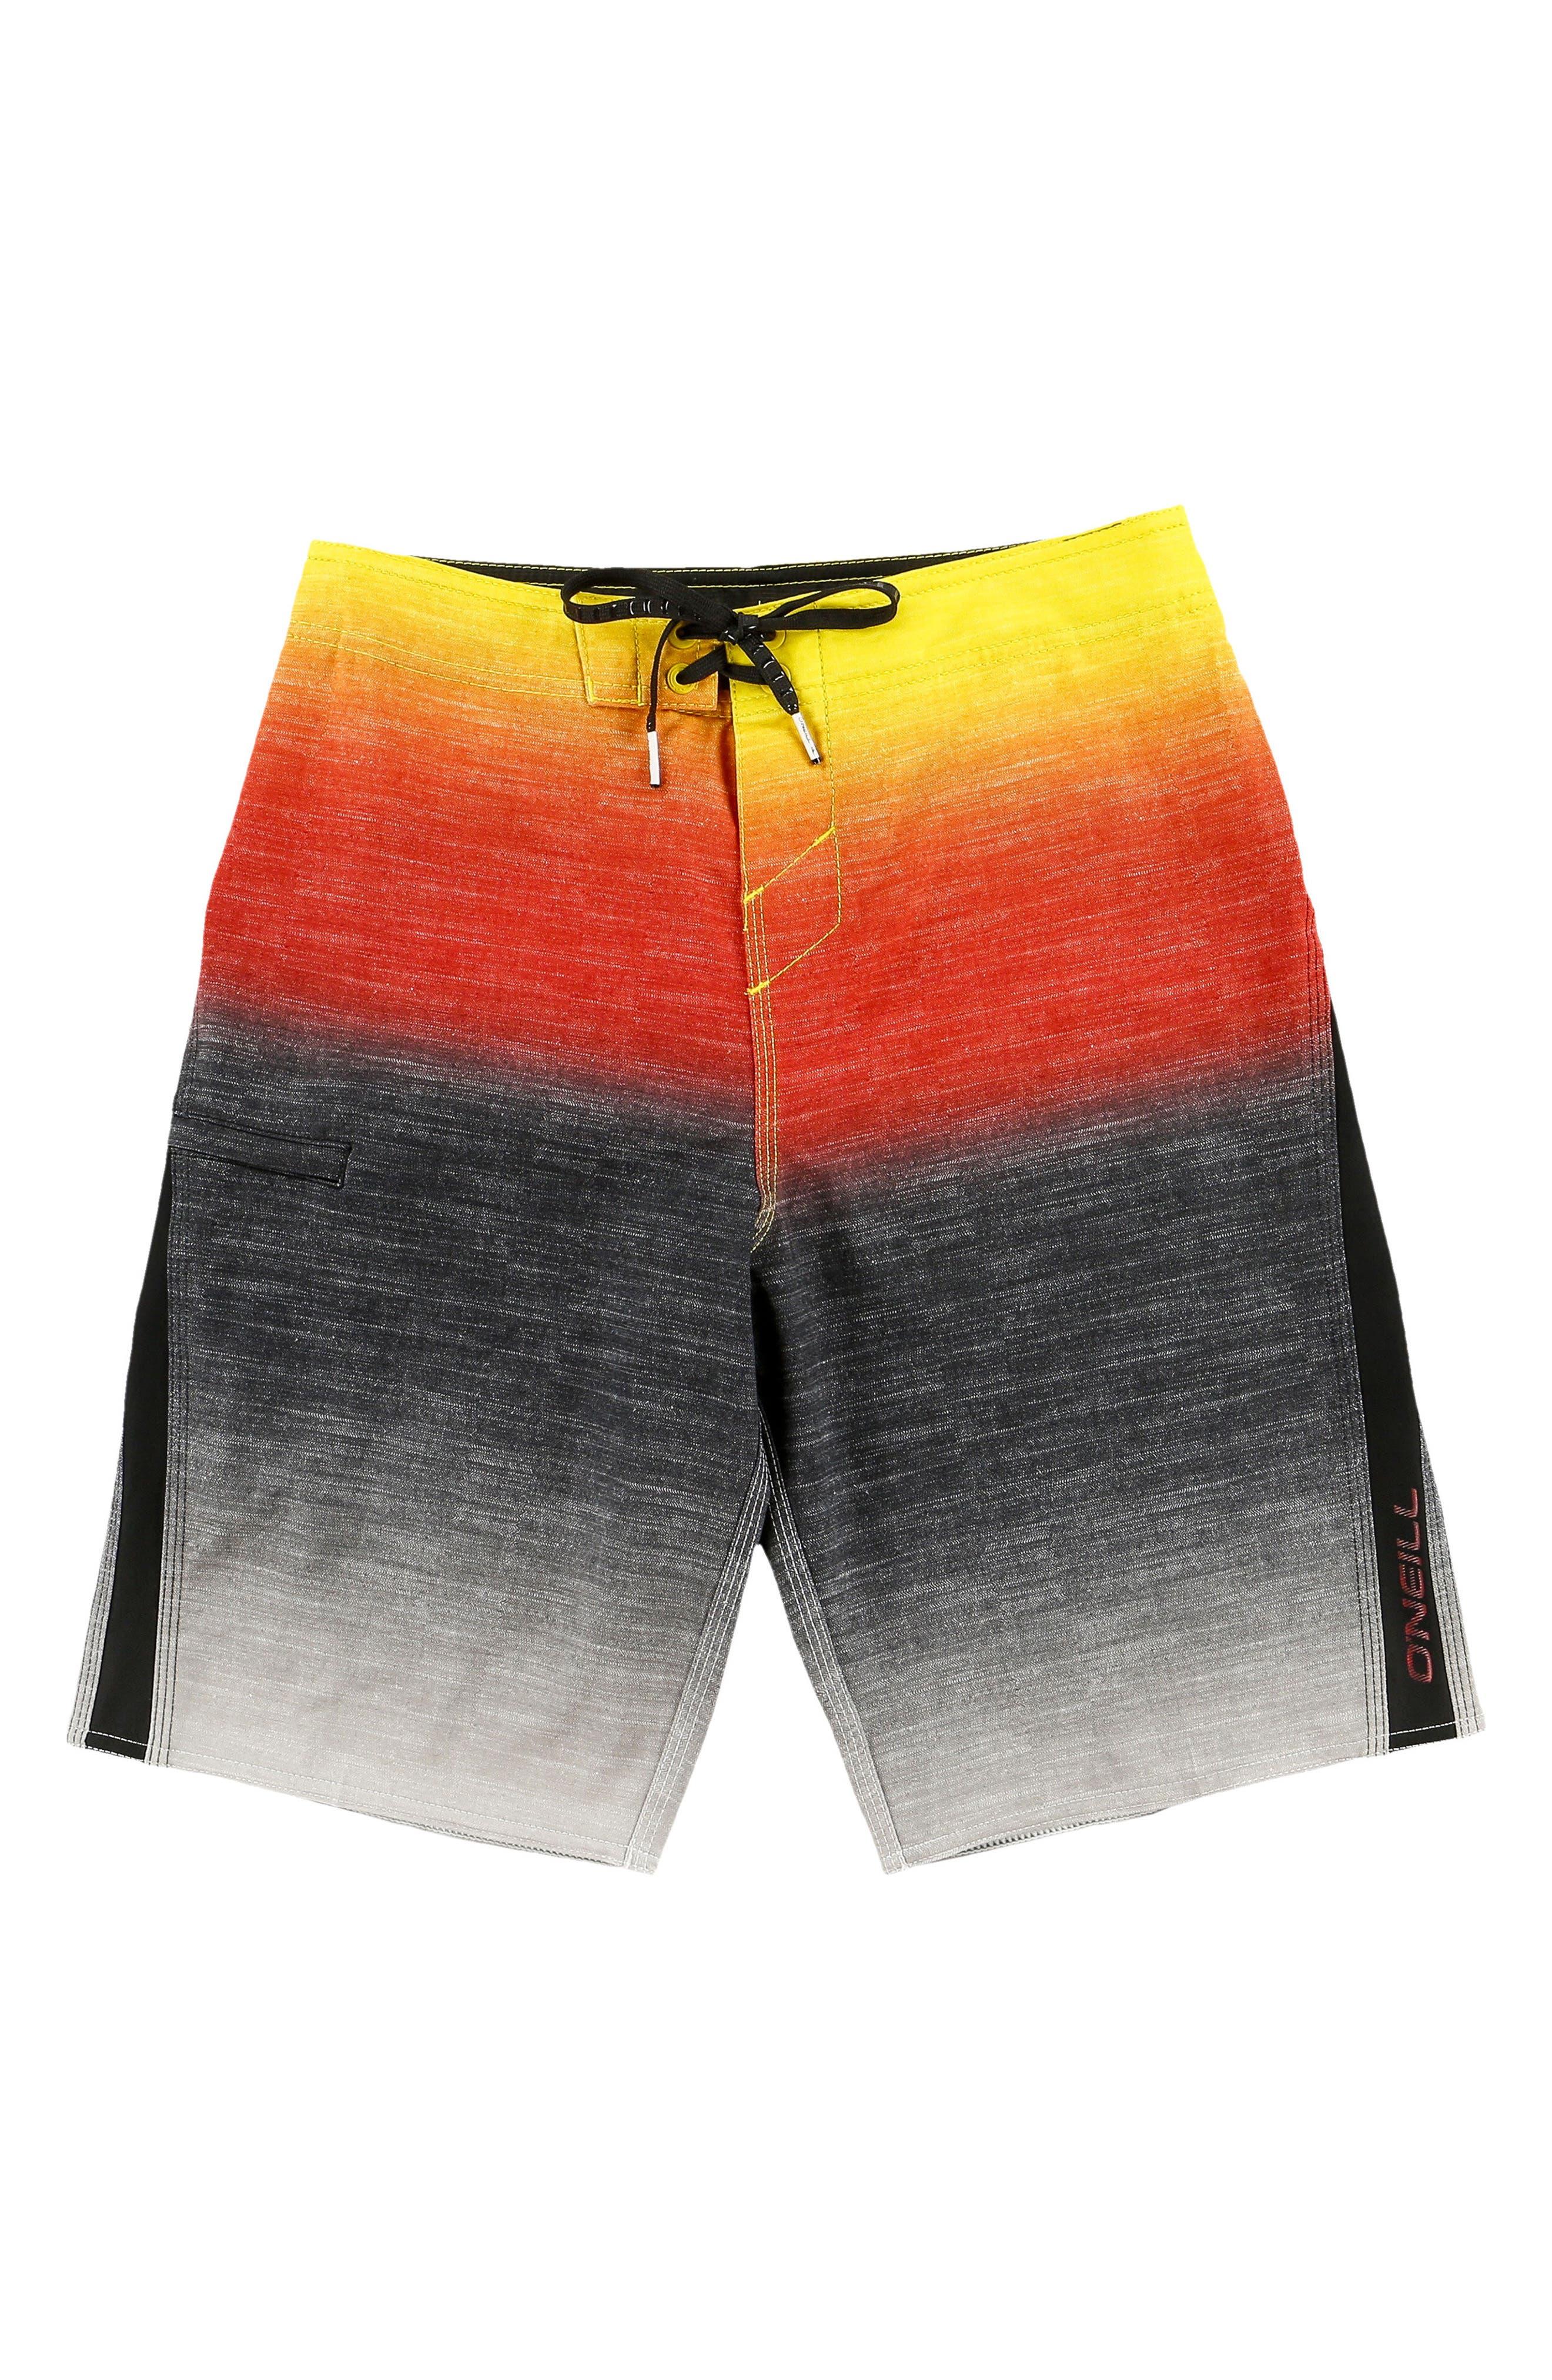 ONEILL Sneakyfreak Fader Board Shorts